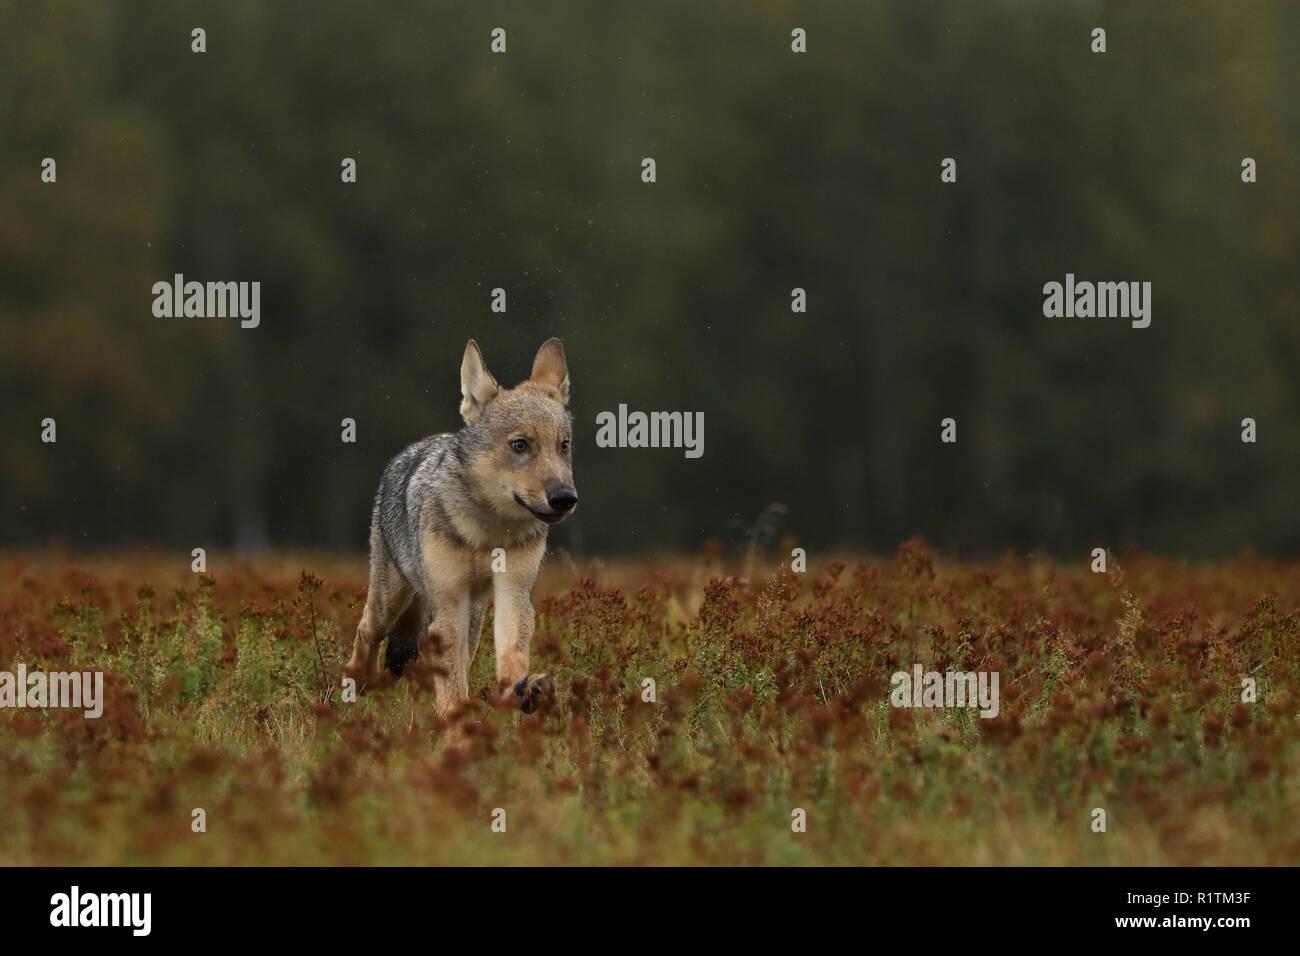 Grey wolf cub on immagini & grey wolf cub on fotos stock alamy